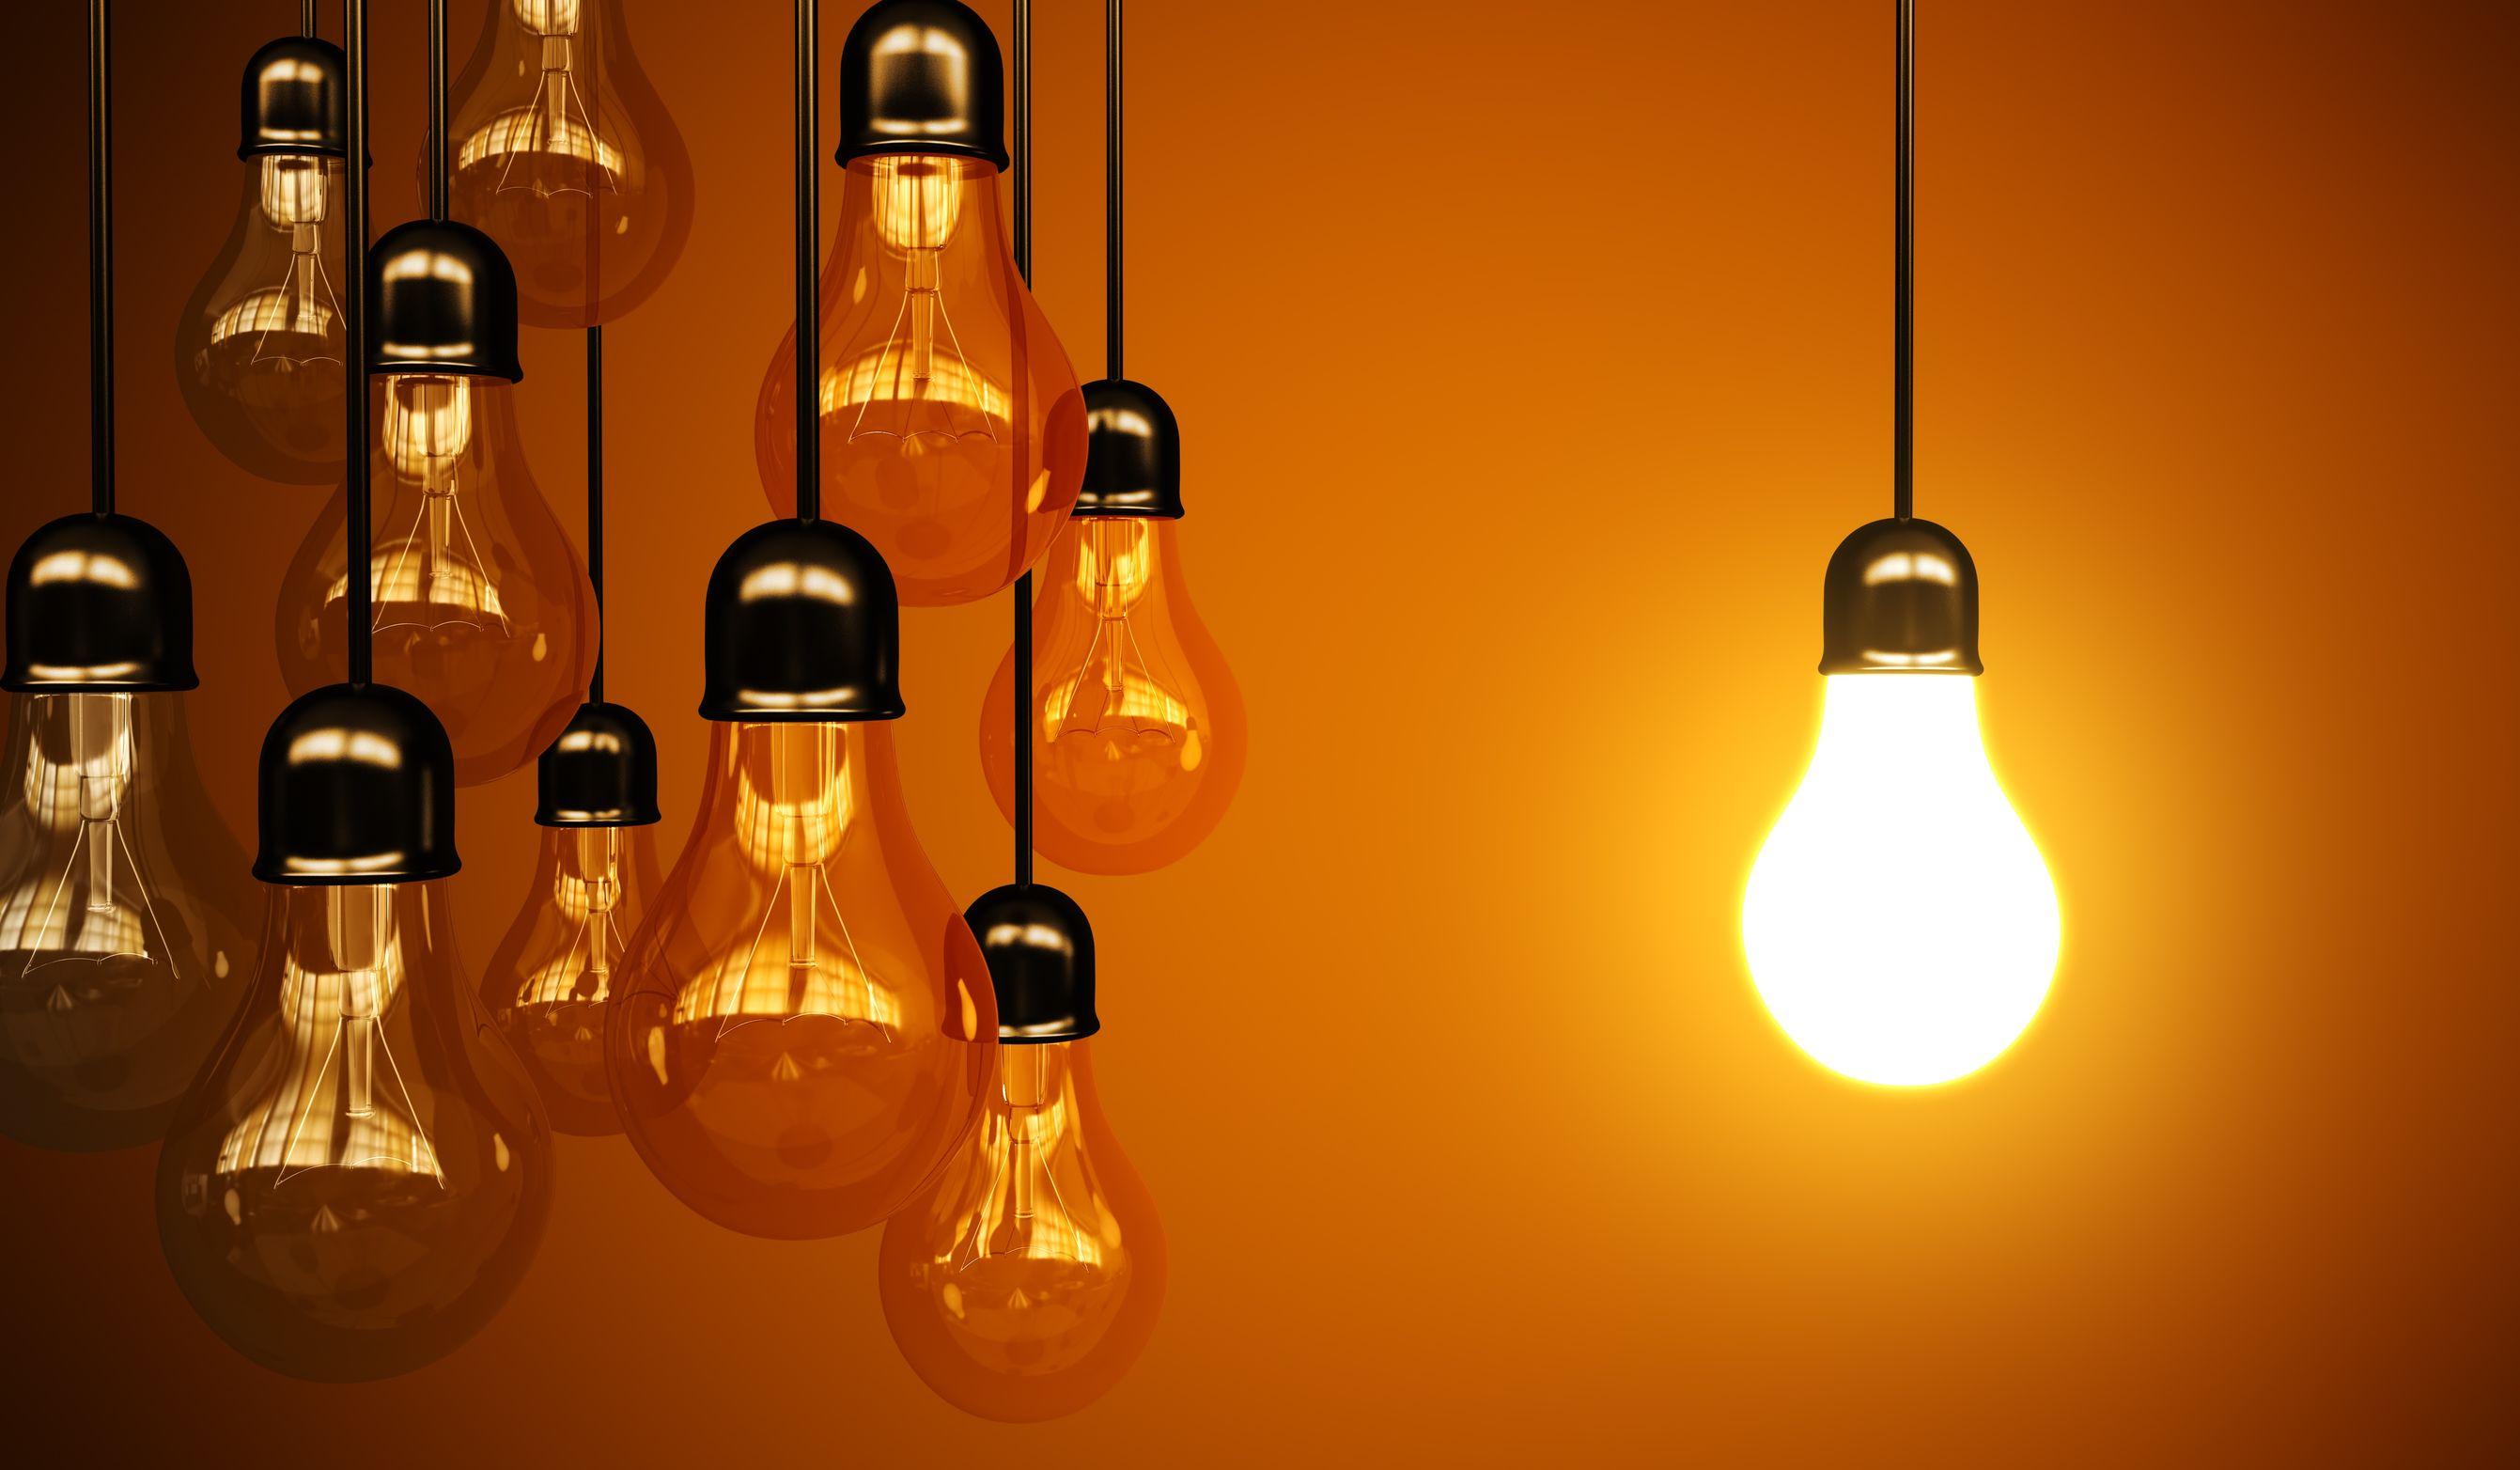 Afbeeldingsresultaat voor electricity